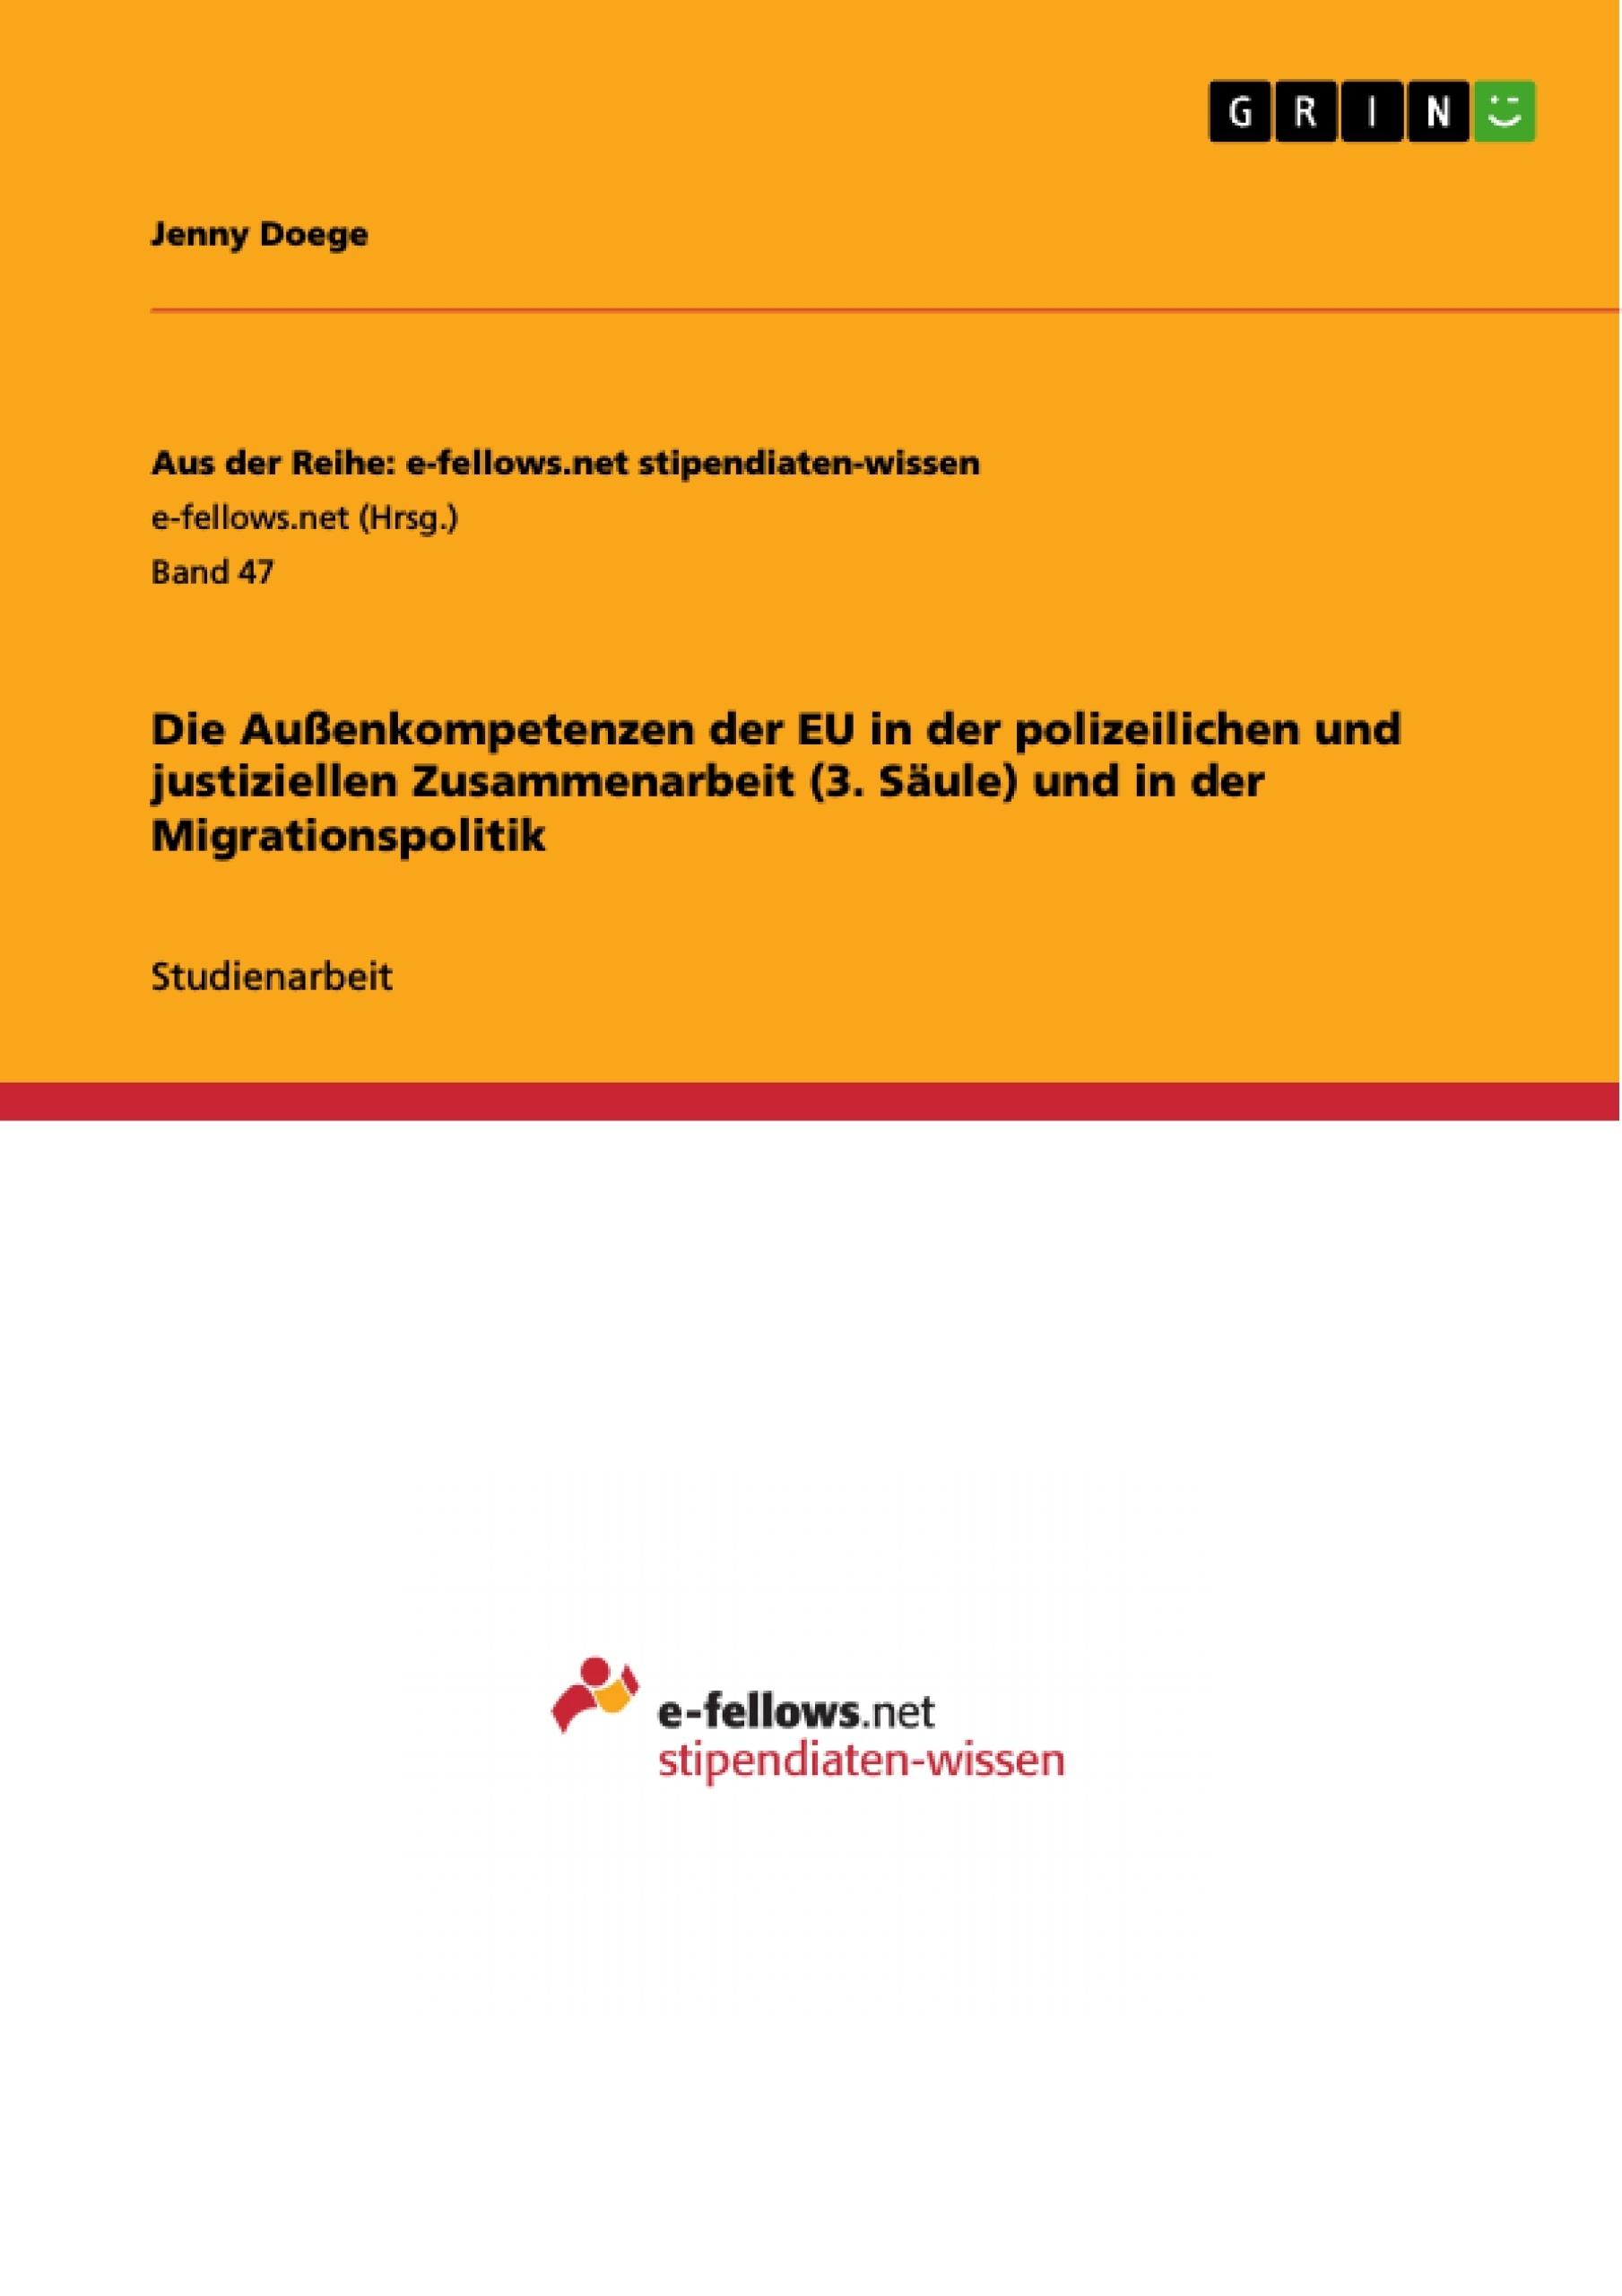 Titel: Die Außenkompetenzen der EU in der polizeilichen und justiziellen Zusammenarbeit (3. Säule) und in der Migrationspolitik